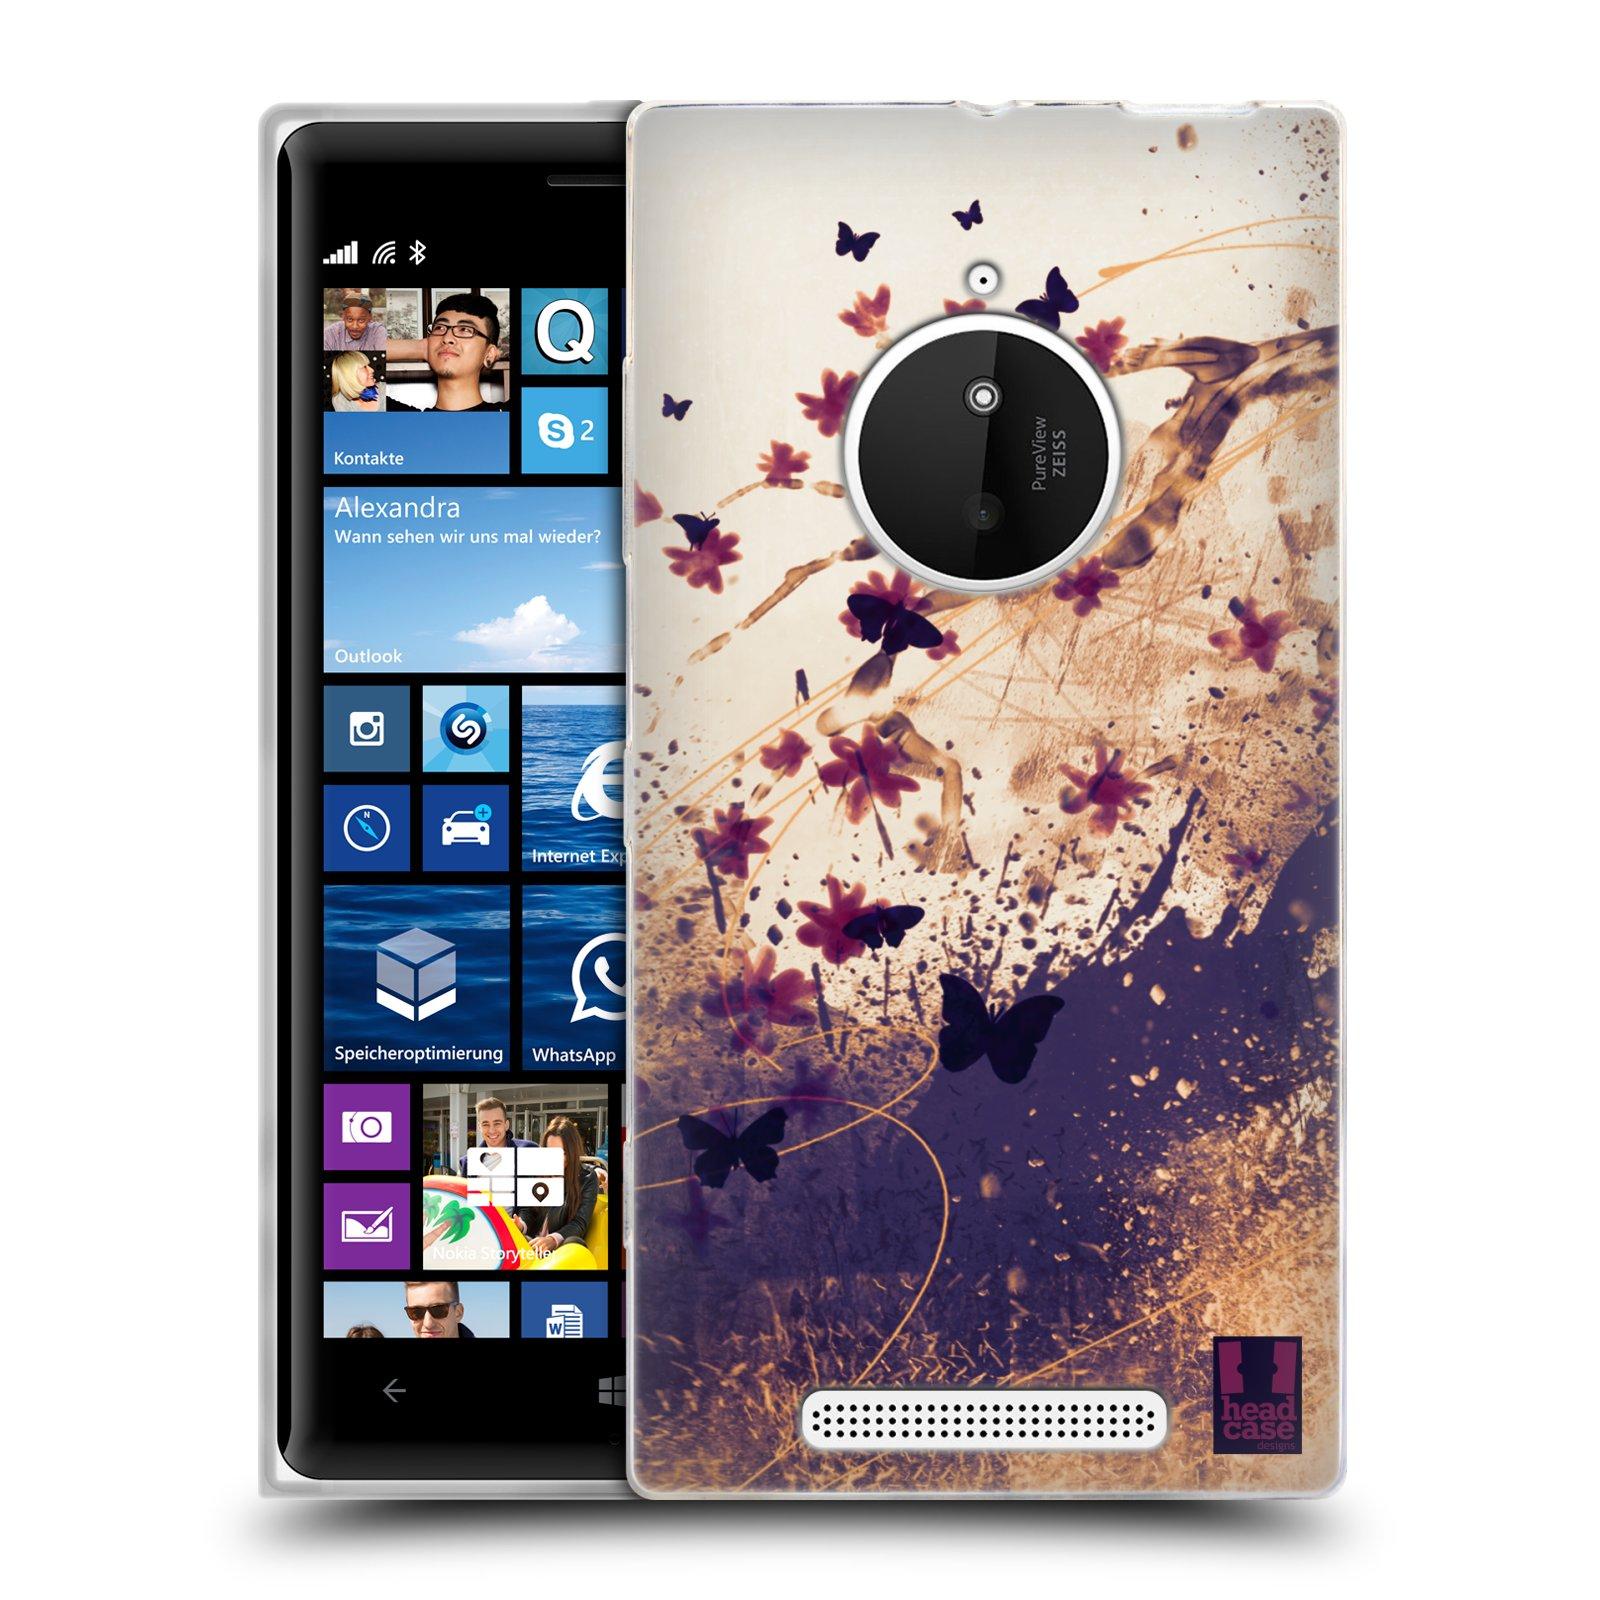 Silikonové pouzdro na mobil Nokia Lumia 830 HEAD CASE MOTÝLCI (Silikonový kryt či obal na mobilní telefon Nokia Lumia 830)